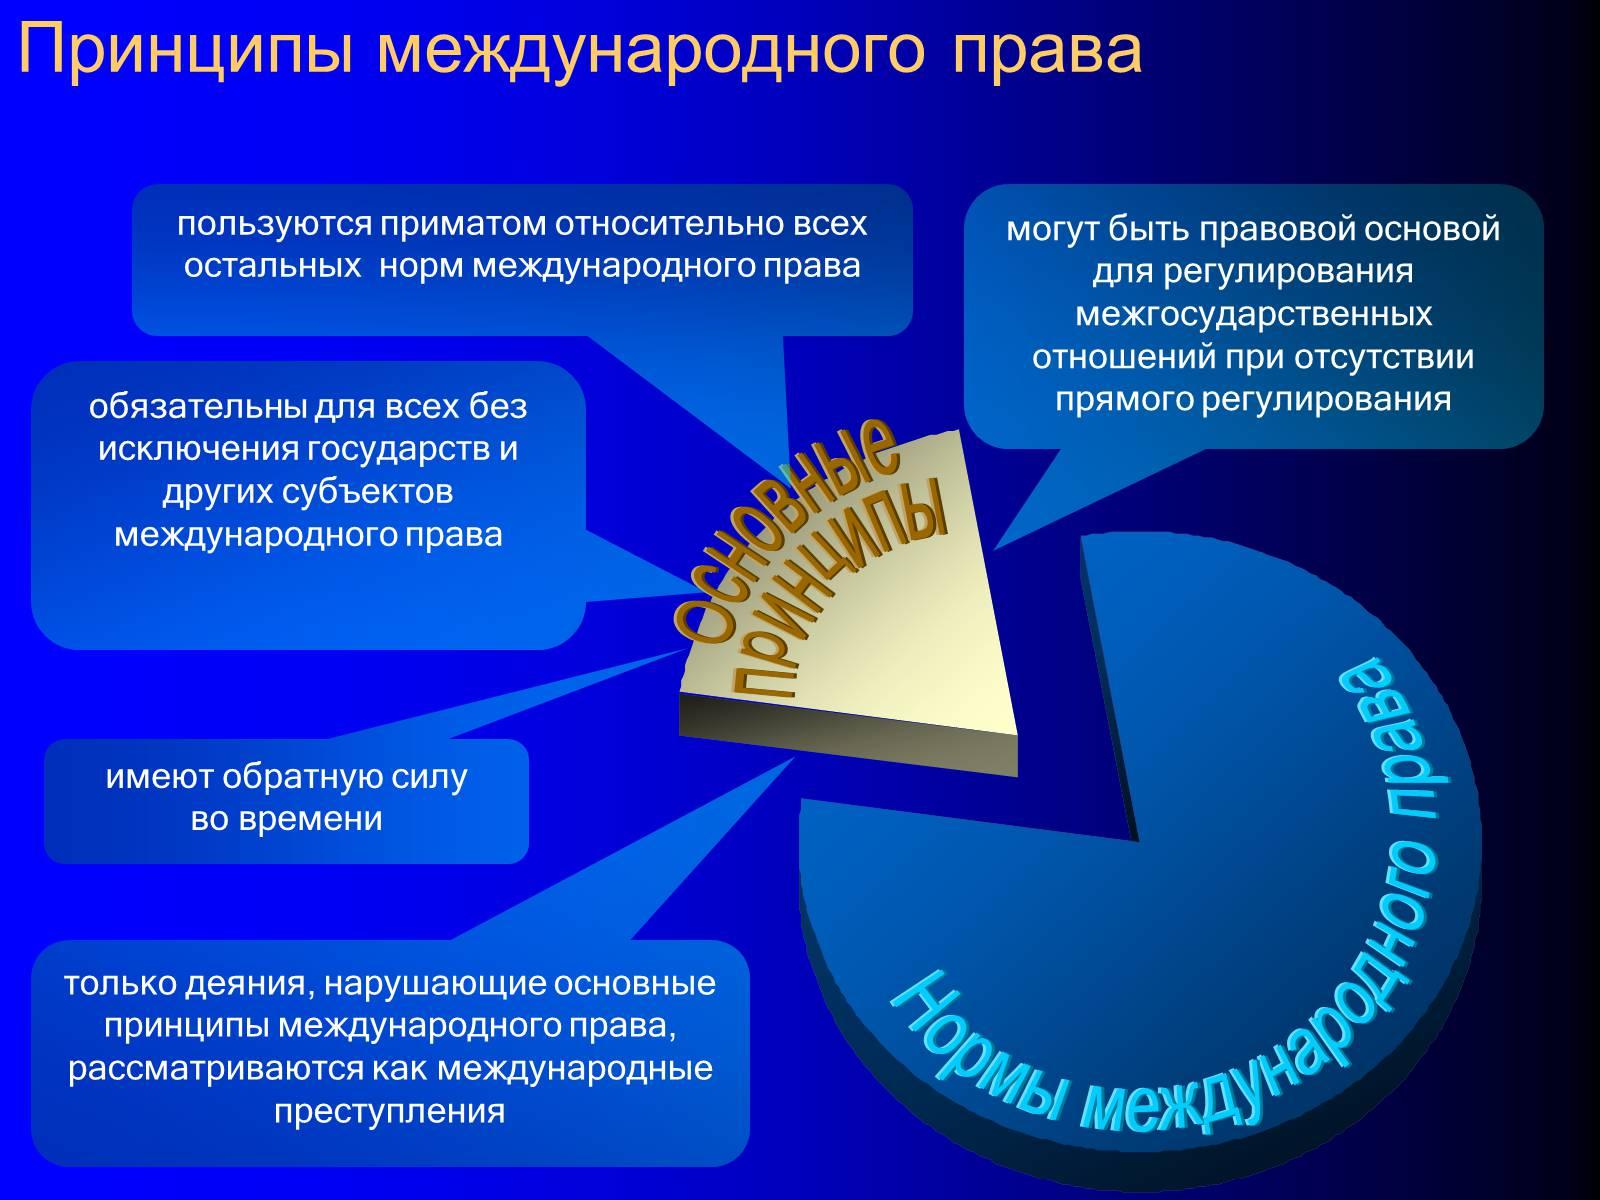 Принципы авторского права схема